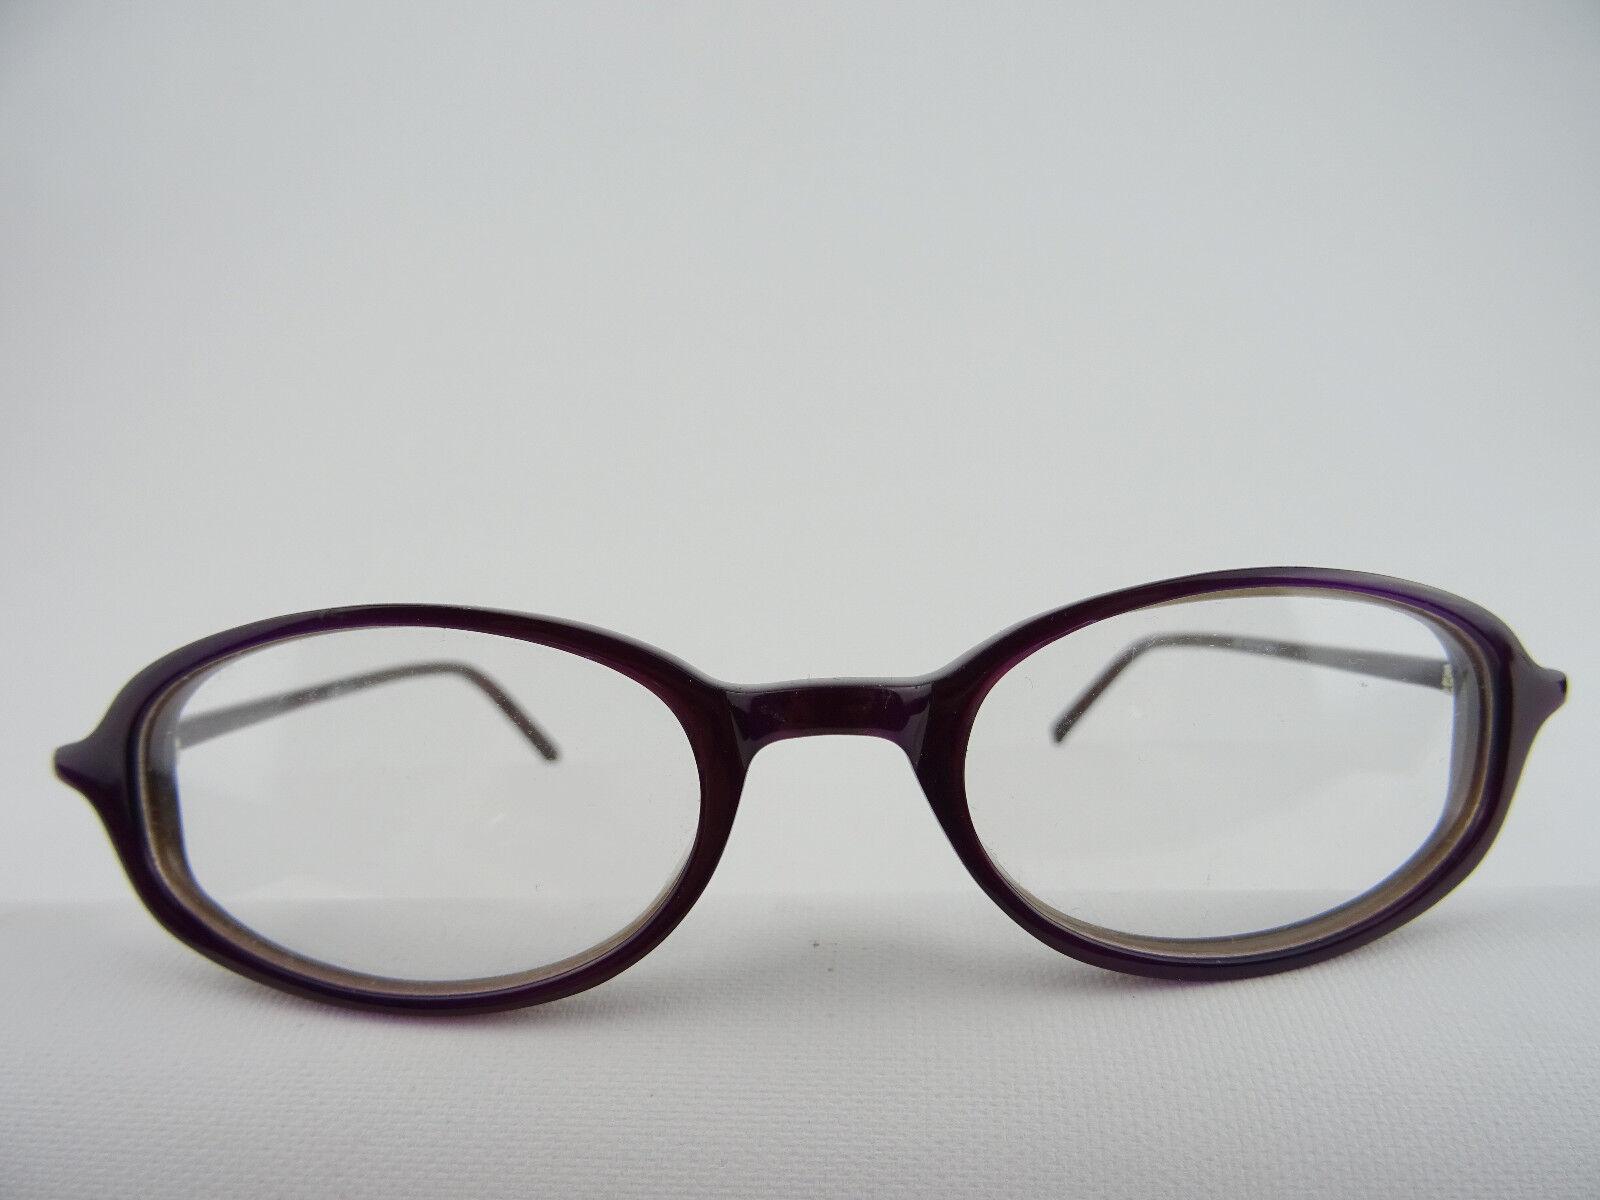 Brillengestell lilafarben mit kleiner Glasform günstiger Preis NEU Gr. S 46[]19